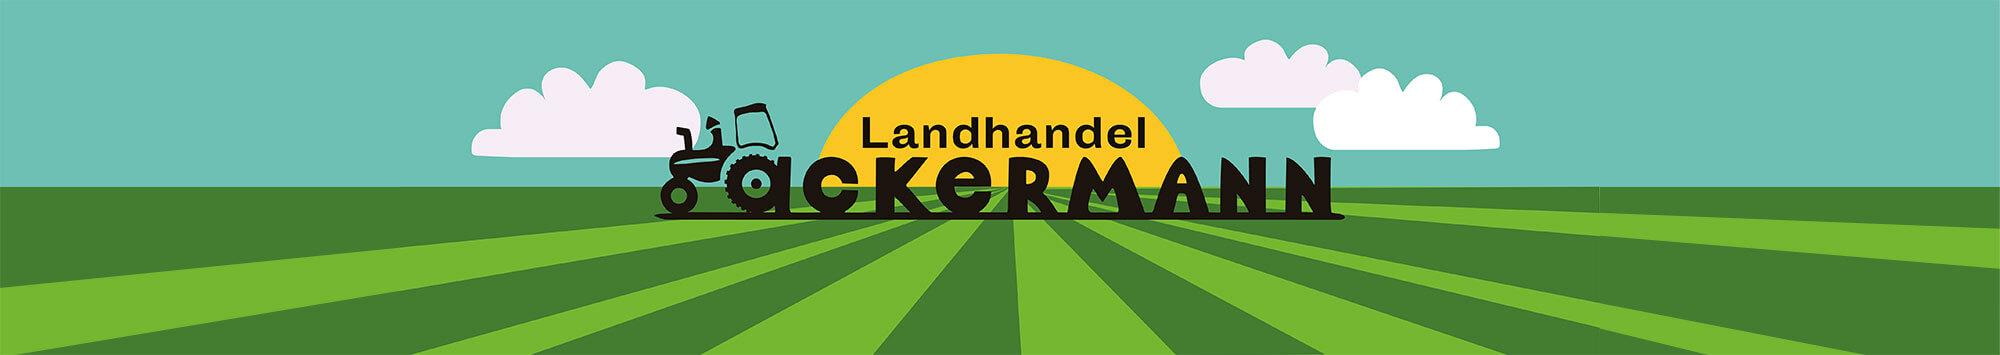 Landhandel Ackermann